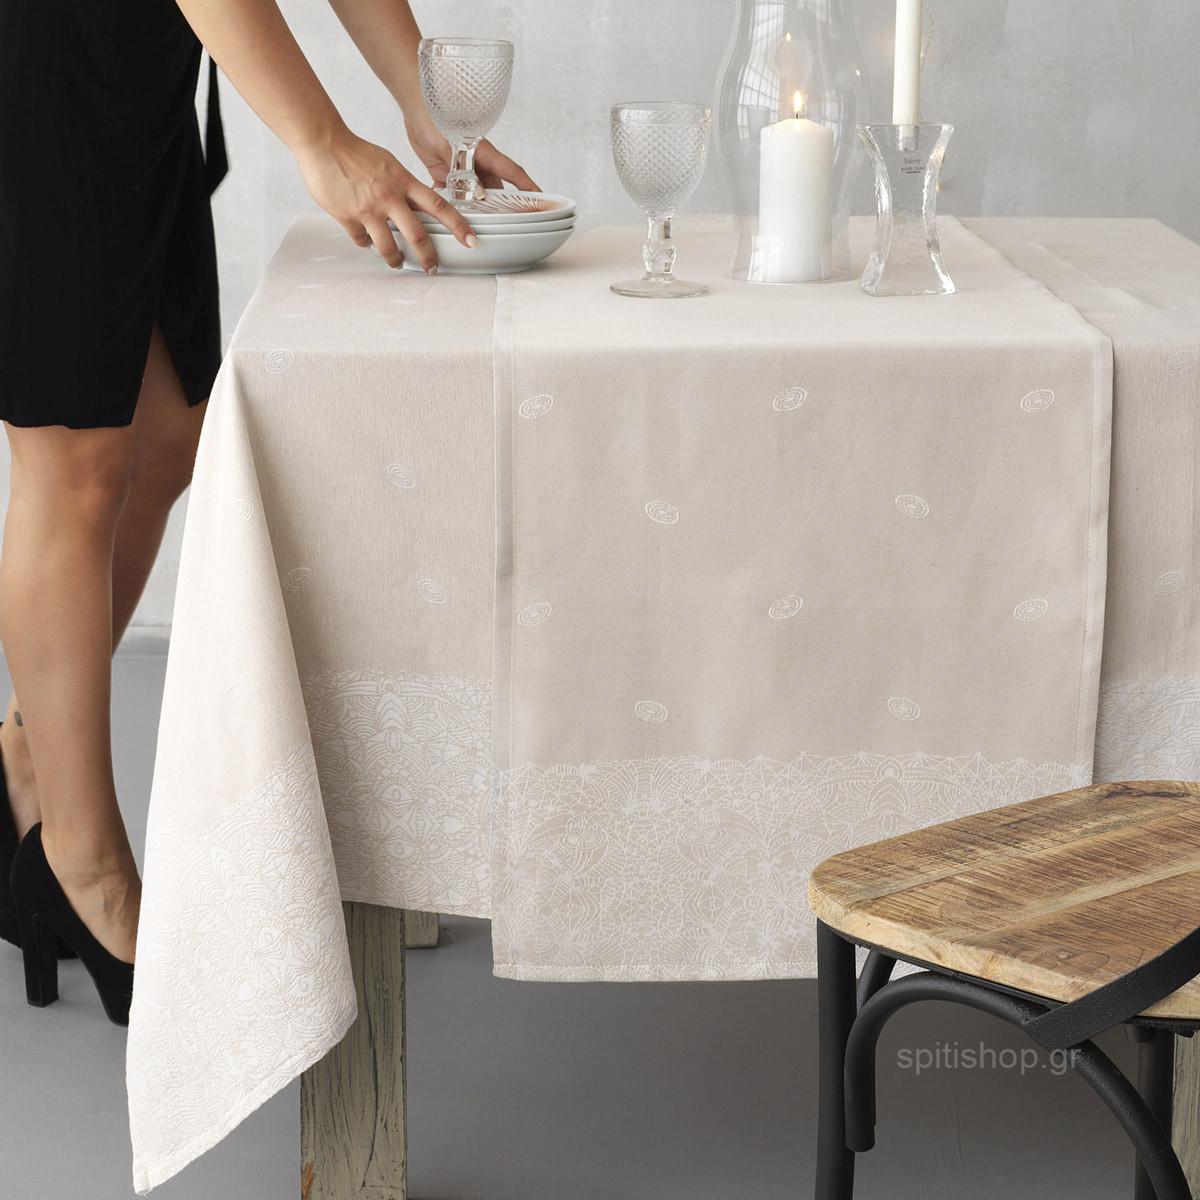 Τραβέρσα Palamaiki Anemone Beige home   κουζίνα   τραπεζαρία   τραβέρσες